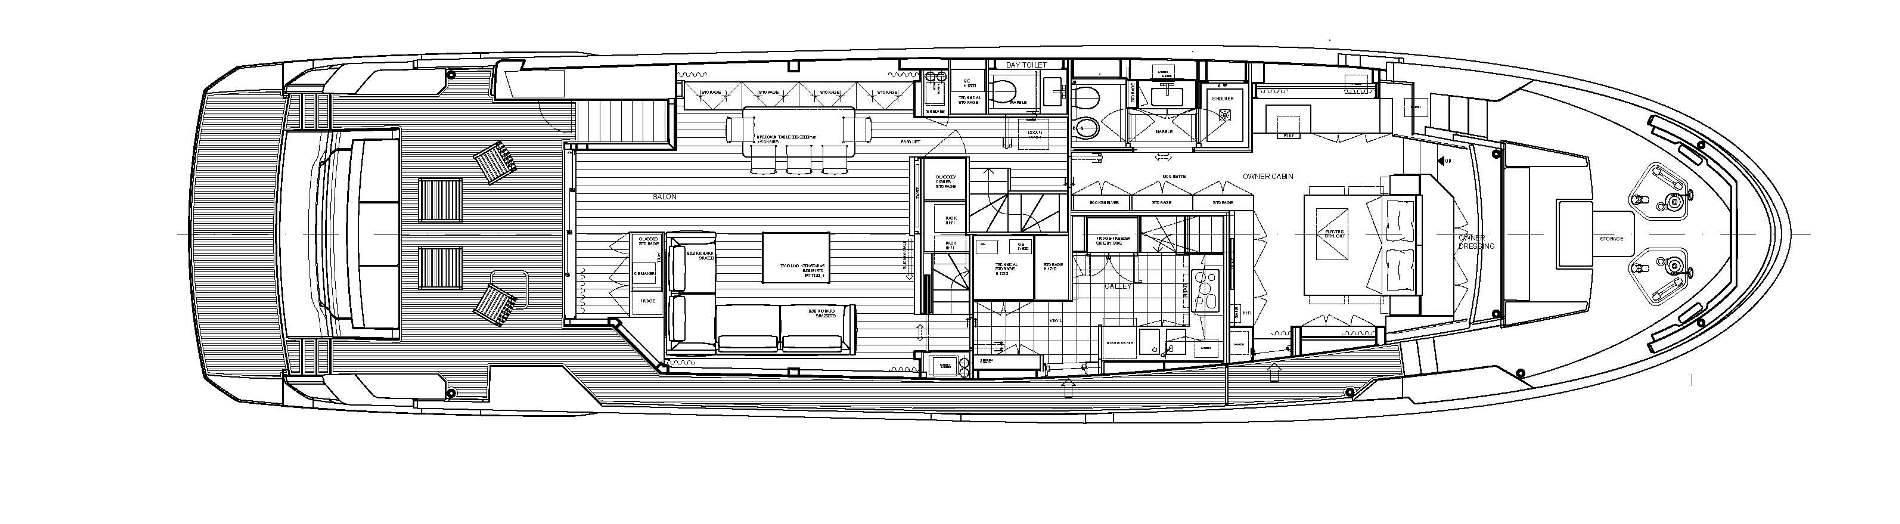 Sanlorenzo Yachts SL96 Asymmetric Main deck